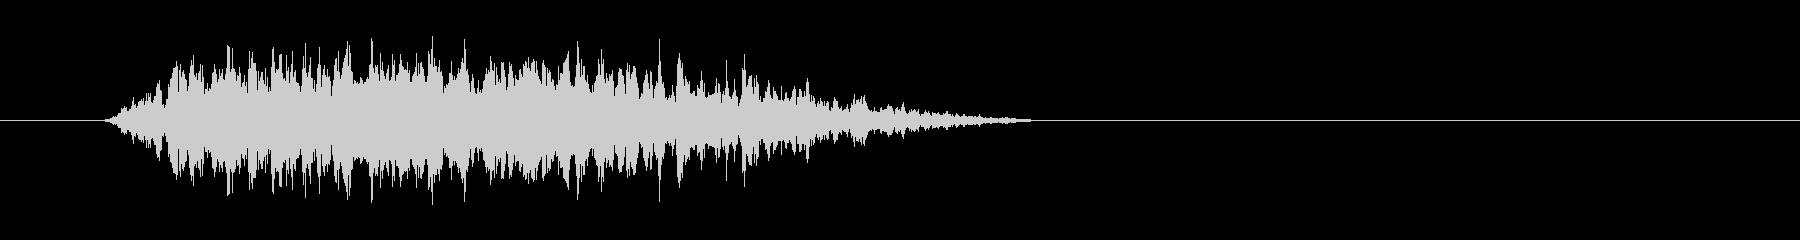 テロップSE シャーン 使い易いシリーズの未再生の波形